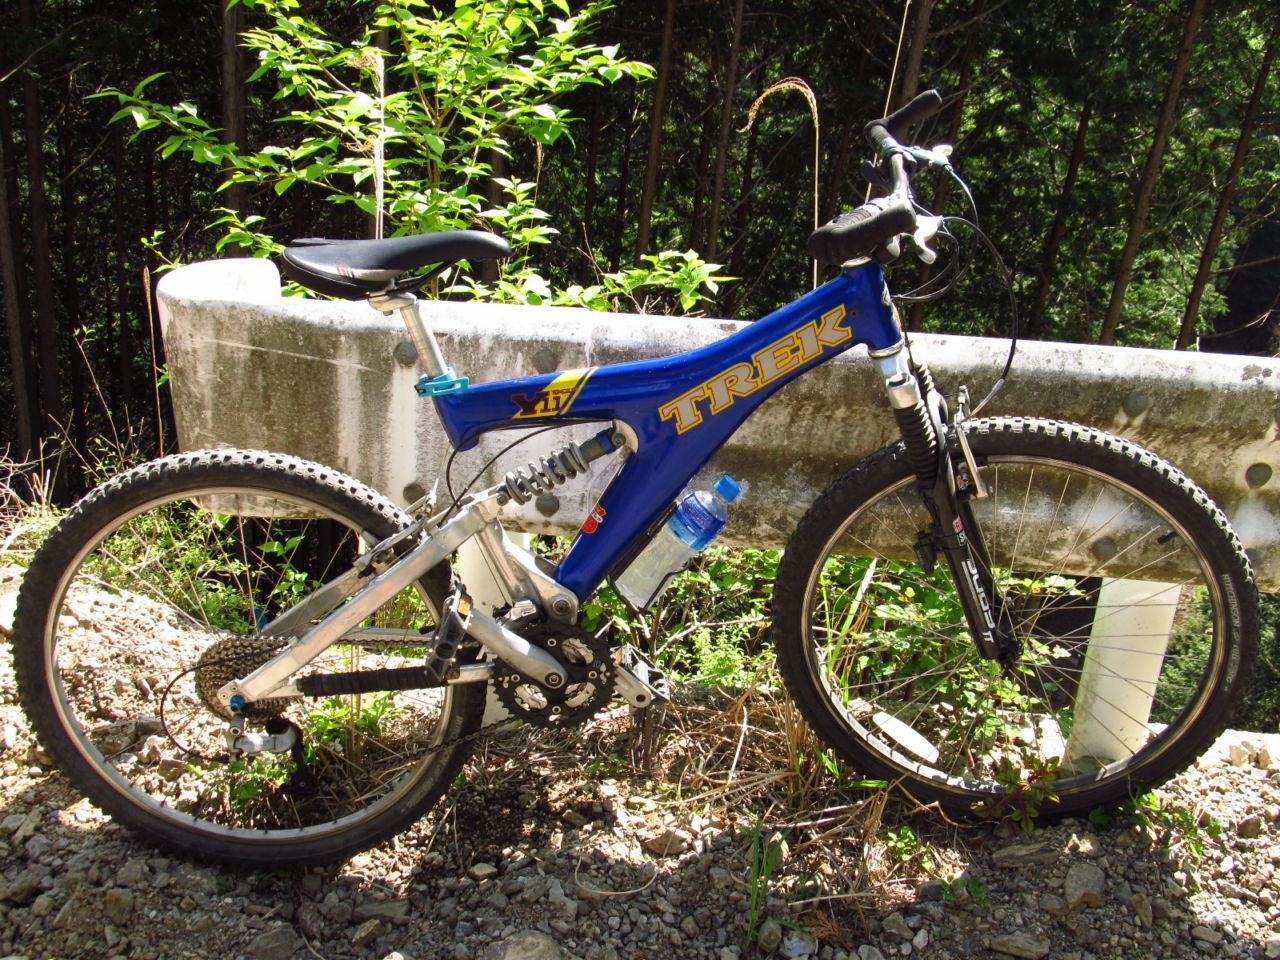 エントリースポーツ自転車はどれくらい進化したか? 嘗てのレース用MTB、TREK Yと比べてみる